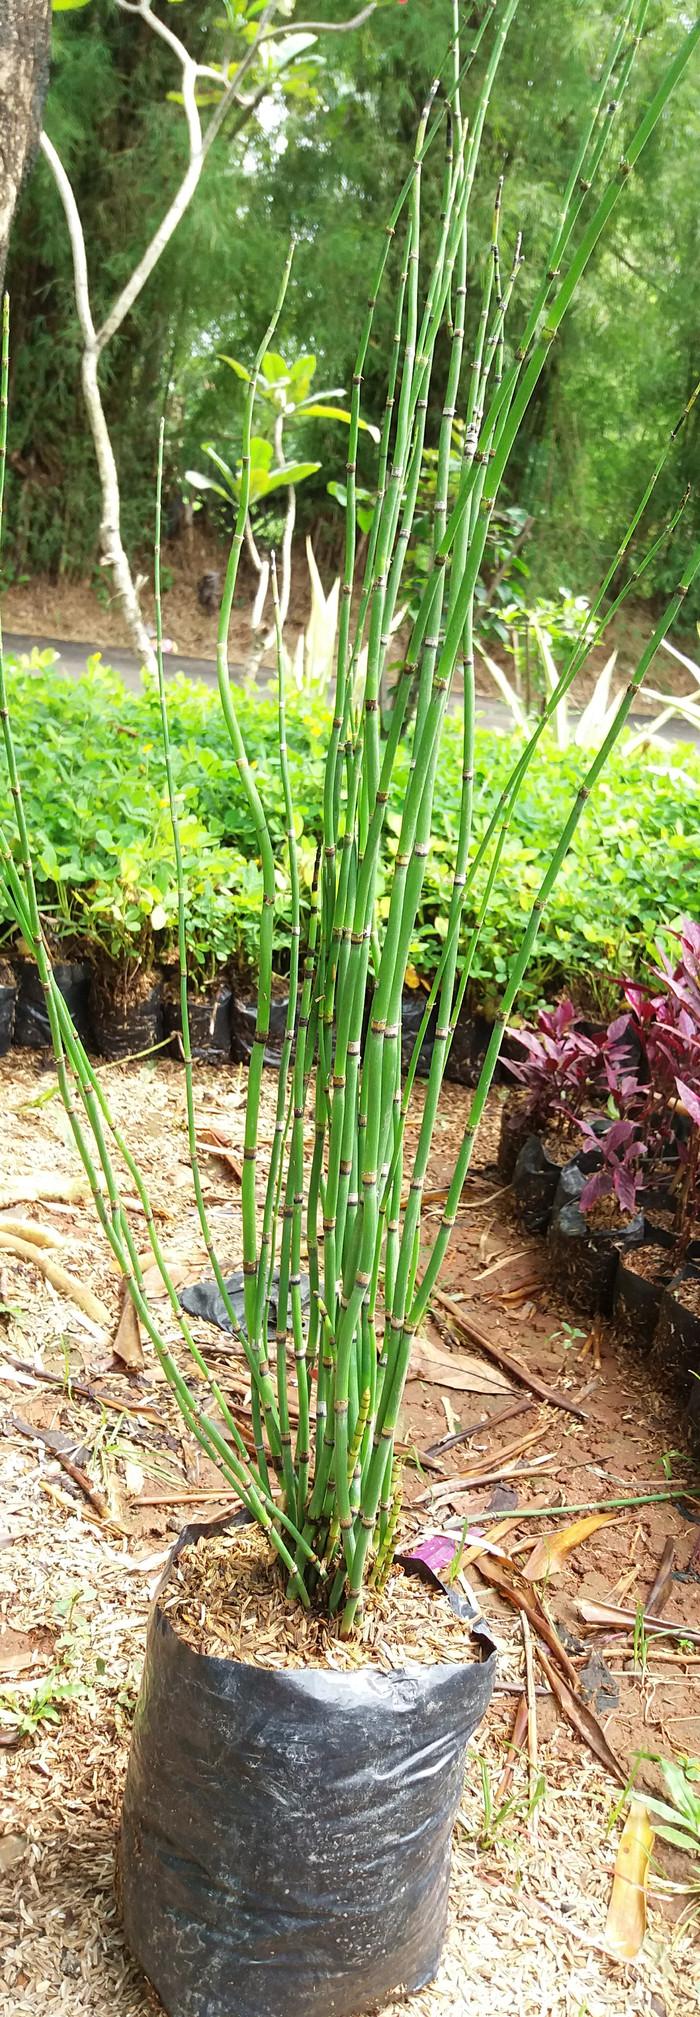 Jual Pohon Bambu Air Kota Depok Tanaman Hijau Hari